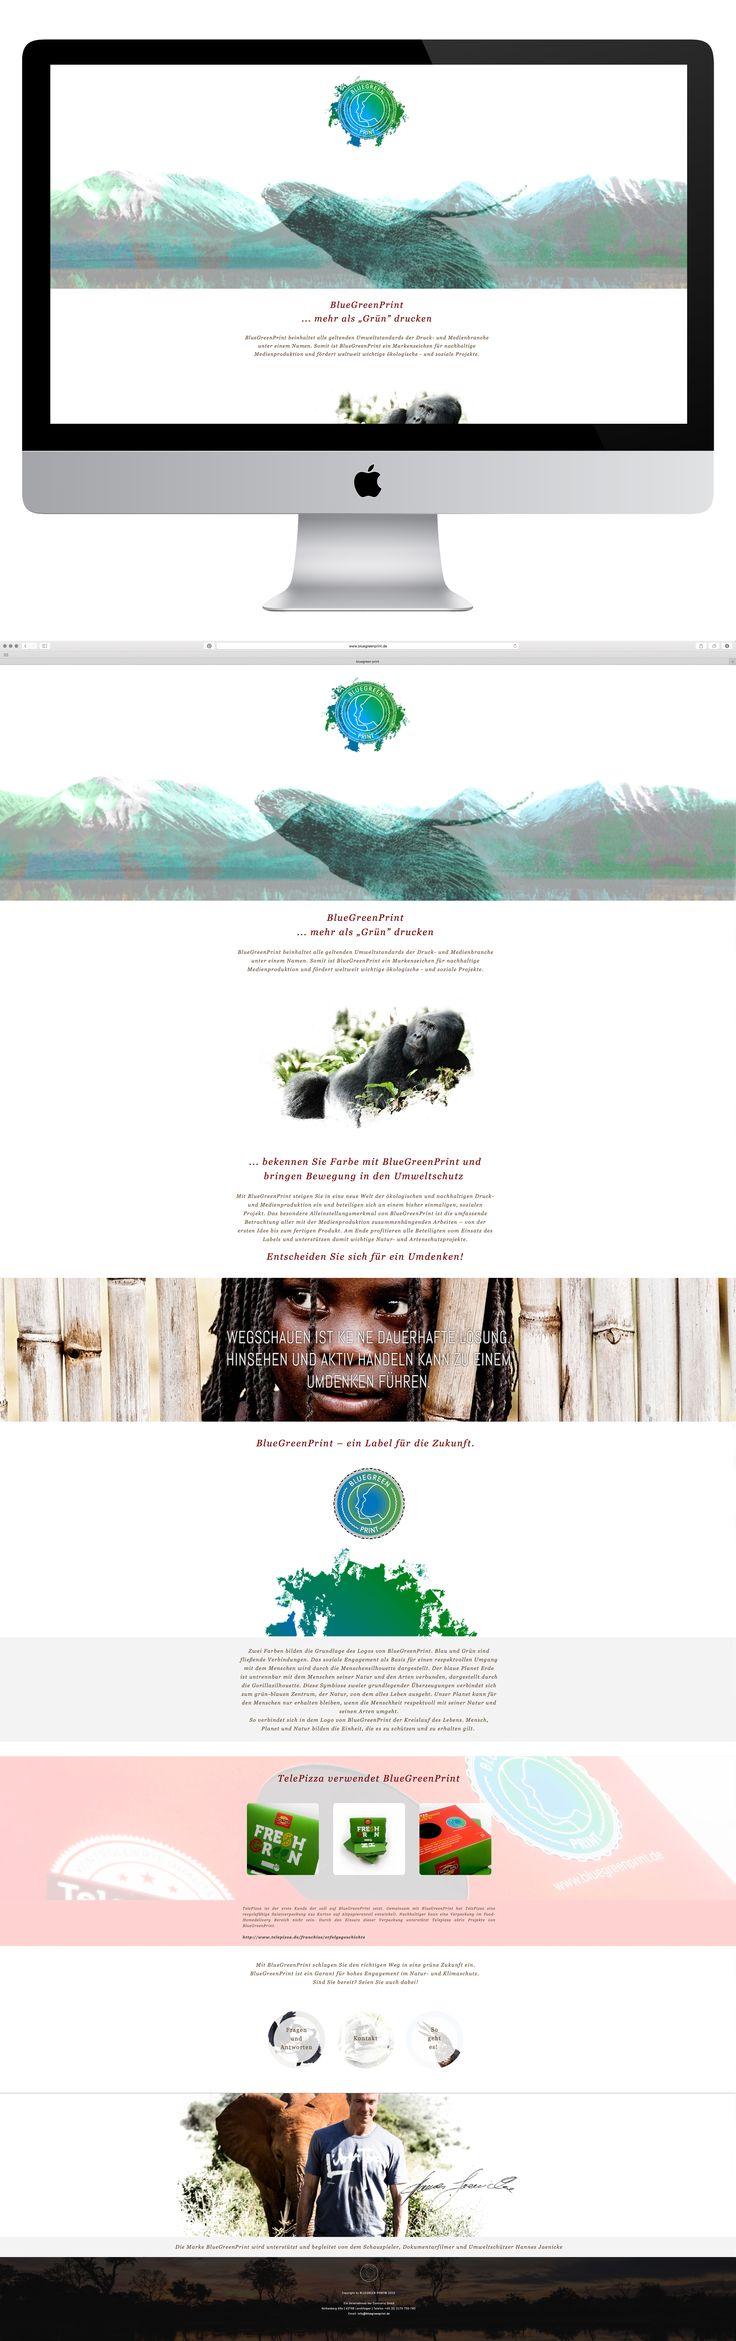 """http://www.bluegreenprint.de BlueGreenPrint ... mehr als """"Grün"""" drucken  BlueGreenPrint beinhaltet alle geltenden Umweltstandards der Druck- und Medienbranche unter einem Namen. Somit ist BlueGreenPrint ein Markenzeichen für nachhaltige Medienproduktion und fördert weltweit wichtige ökologische - und soziale Projekte."""